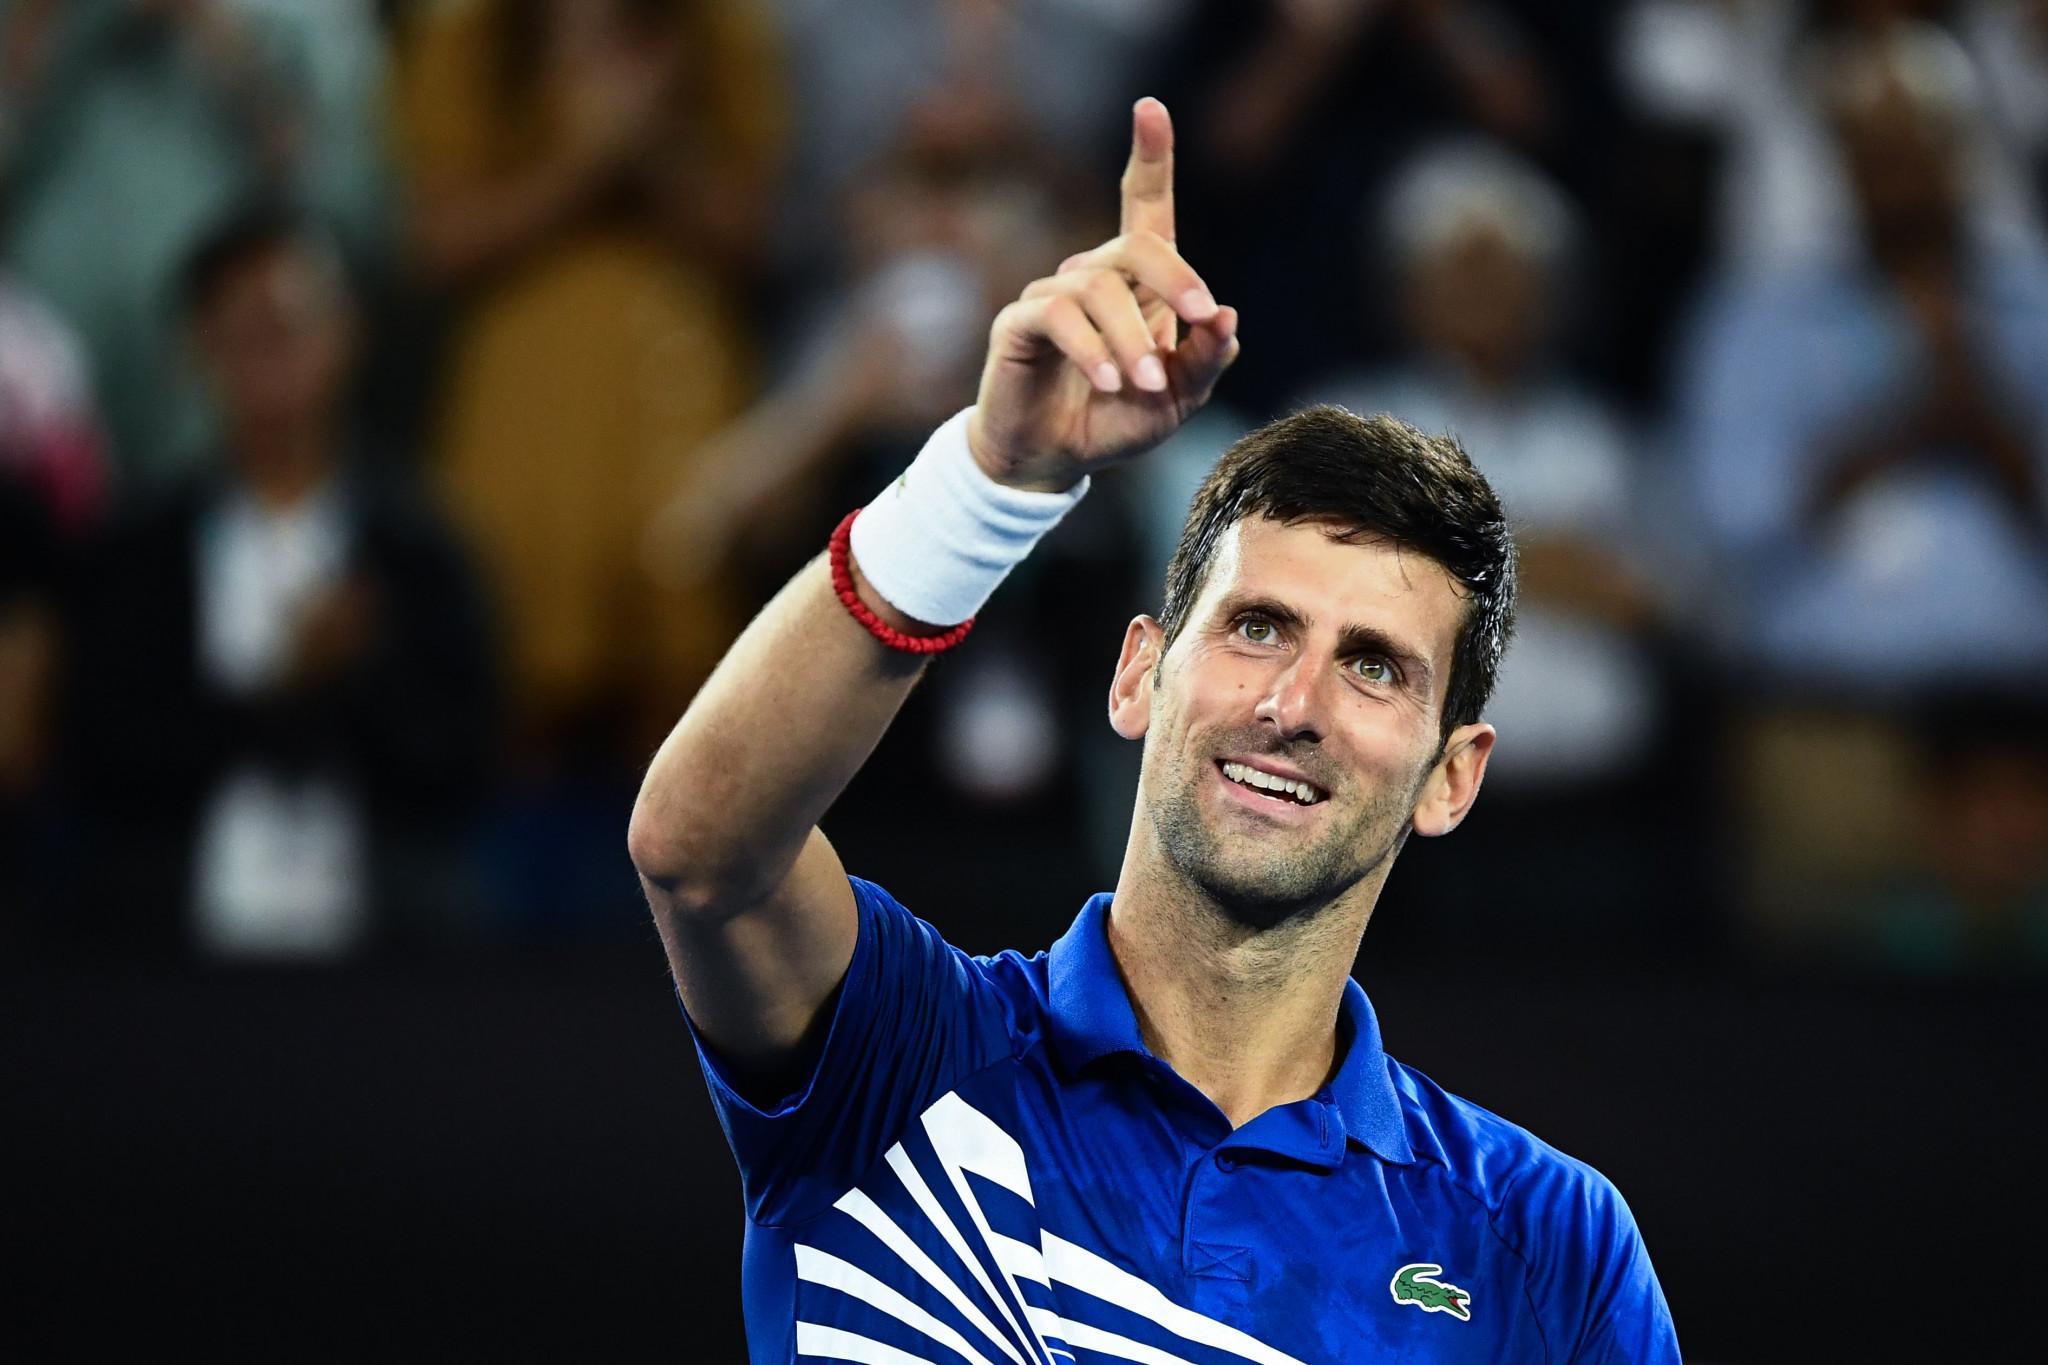 Djokovic dominates Pouille to reach Australian Open final